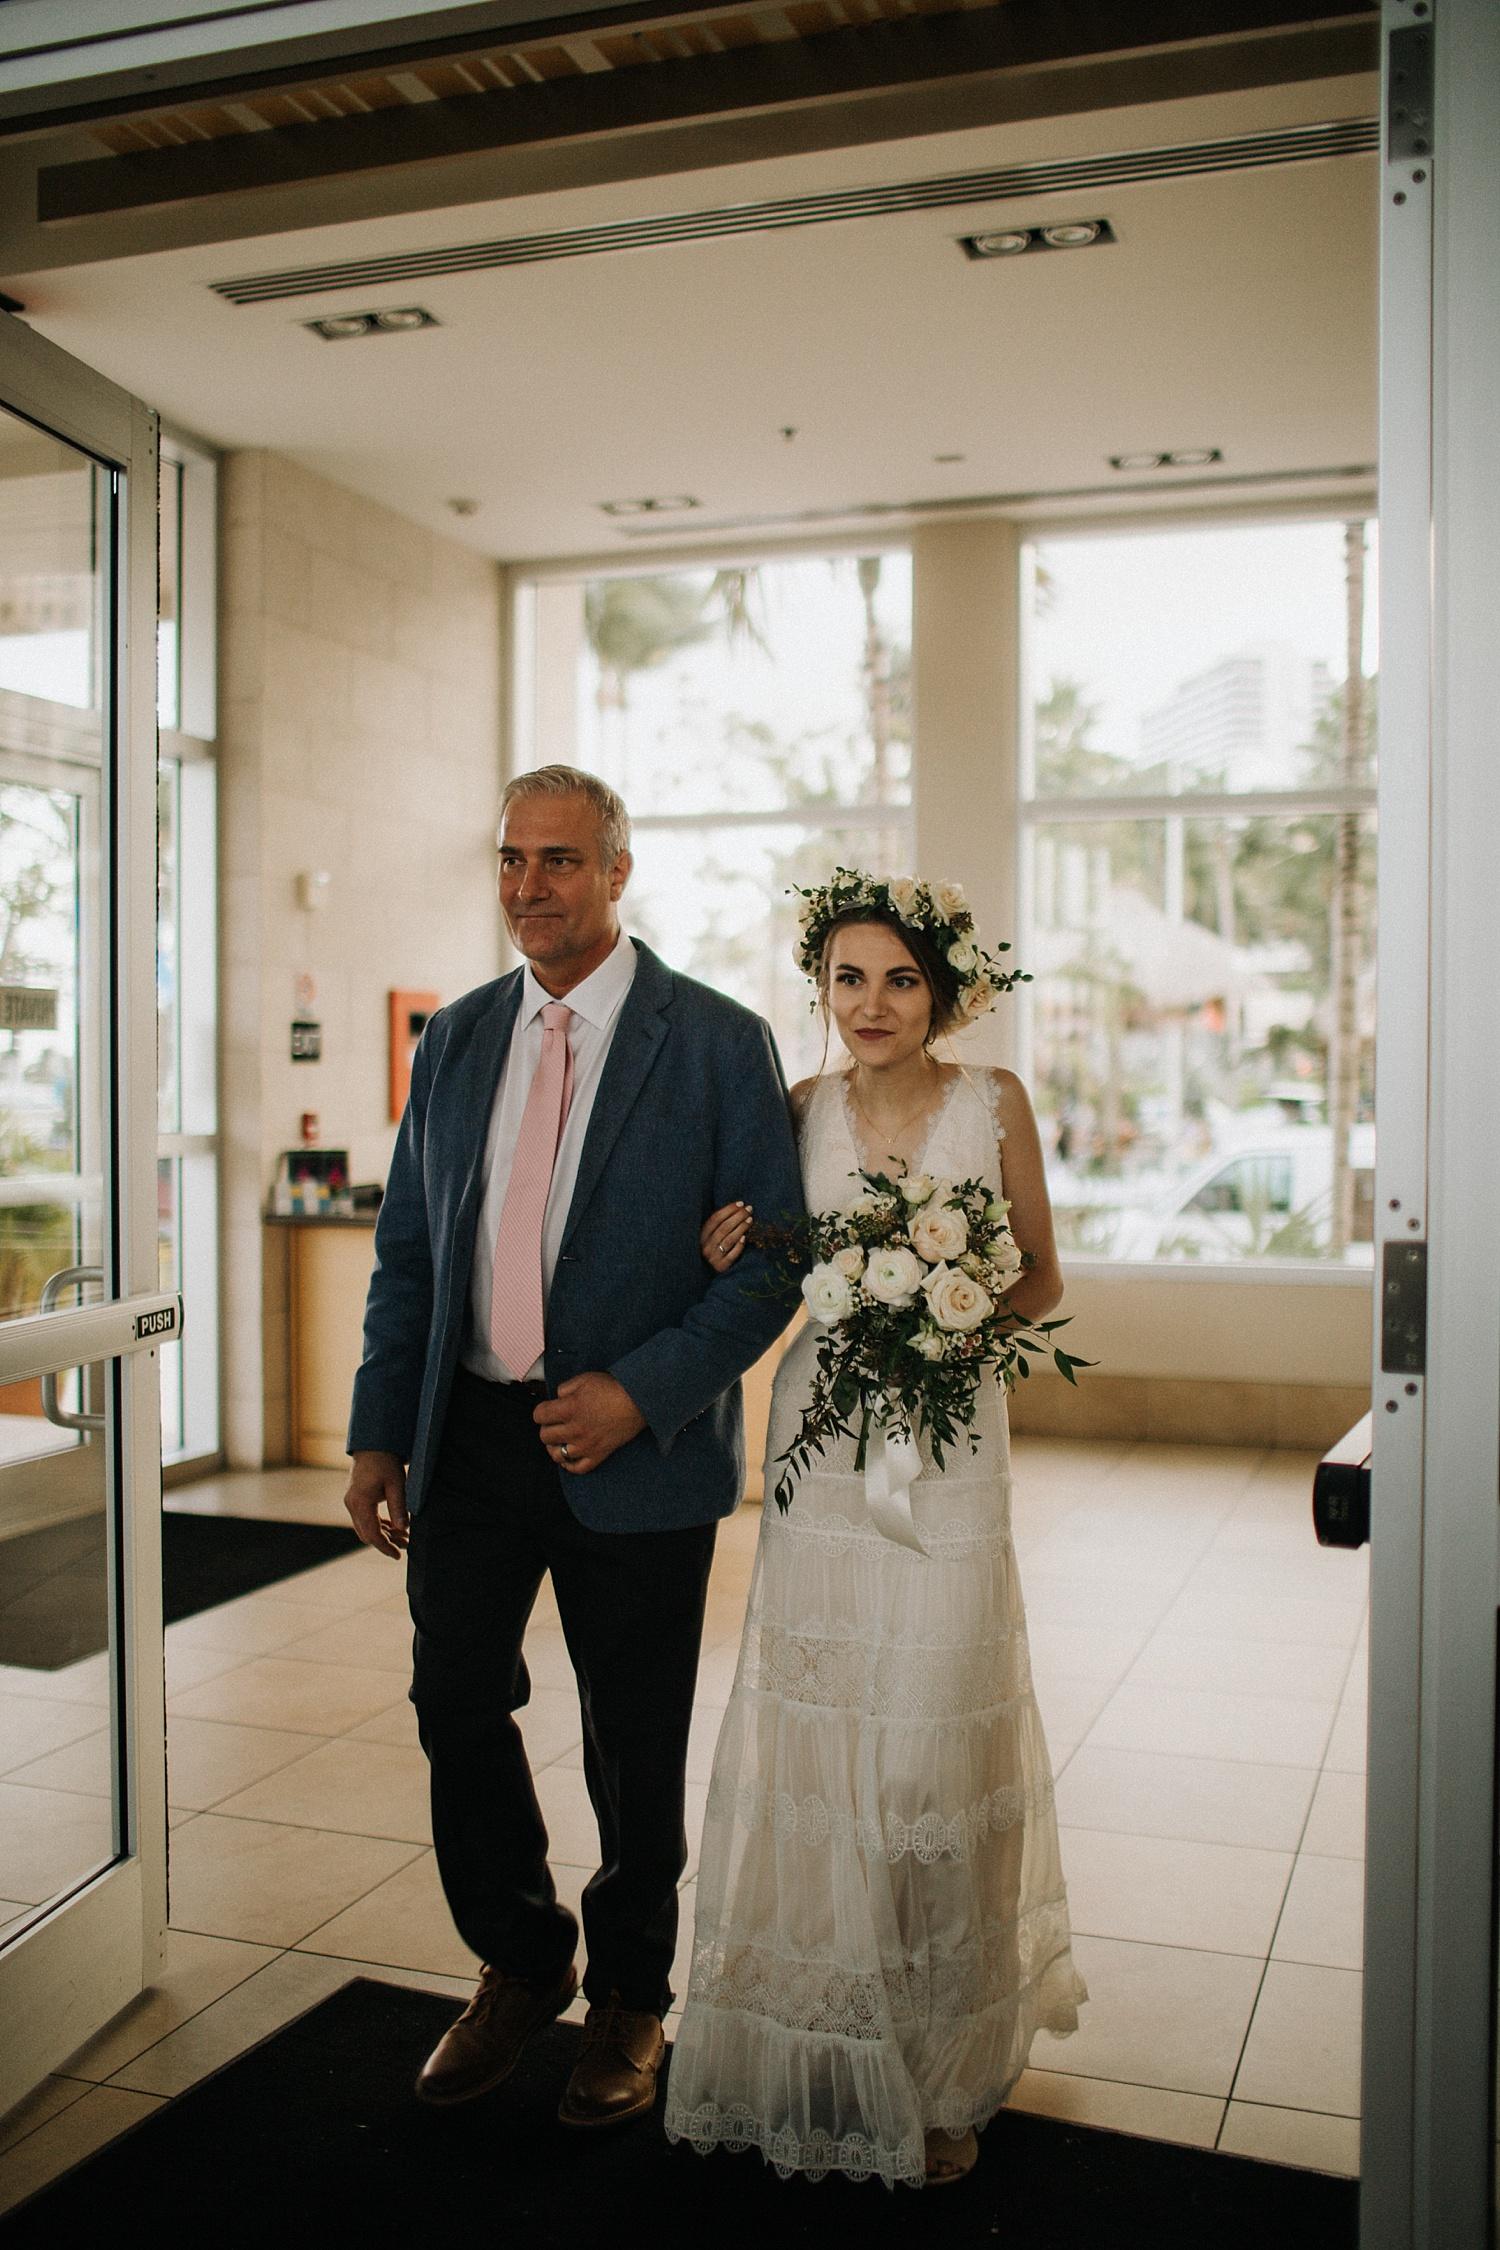 Peter + Kareena Rineer Downtown West Palm Beach December Wedding 2018_0053.jpg